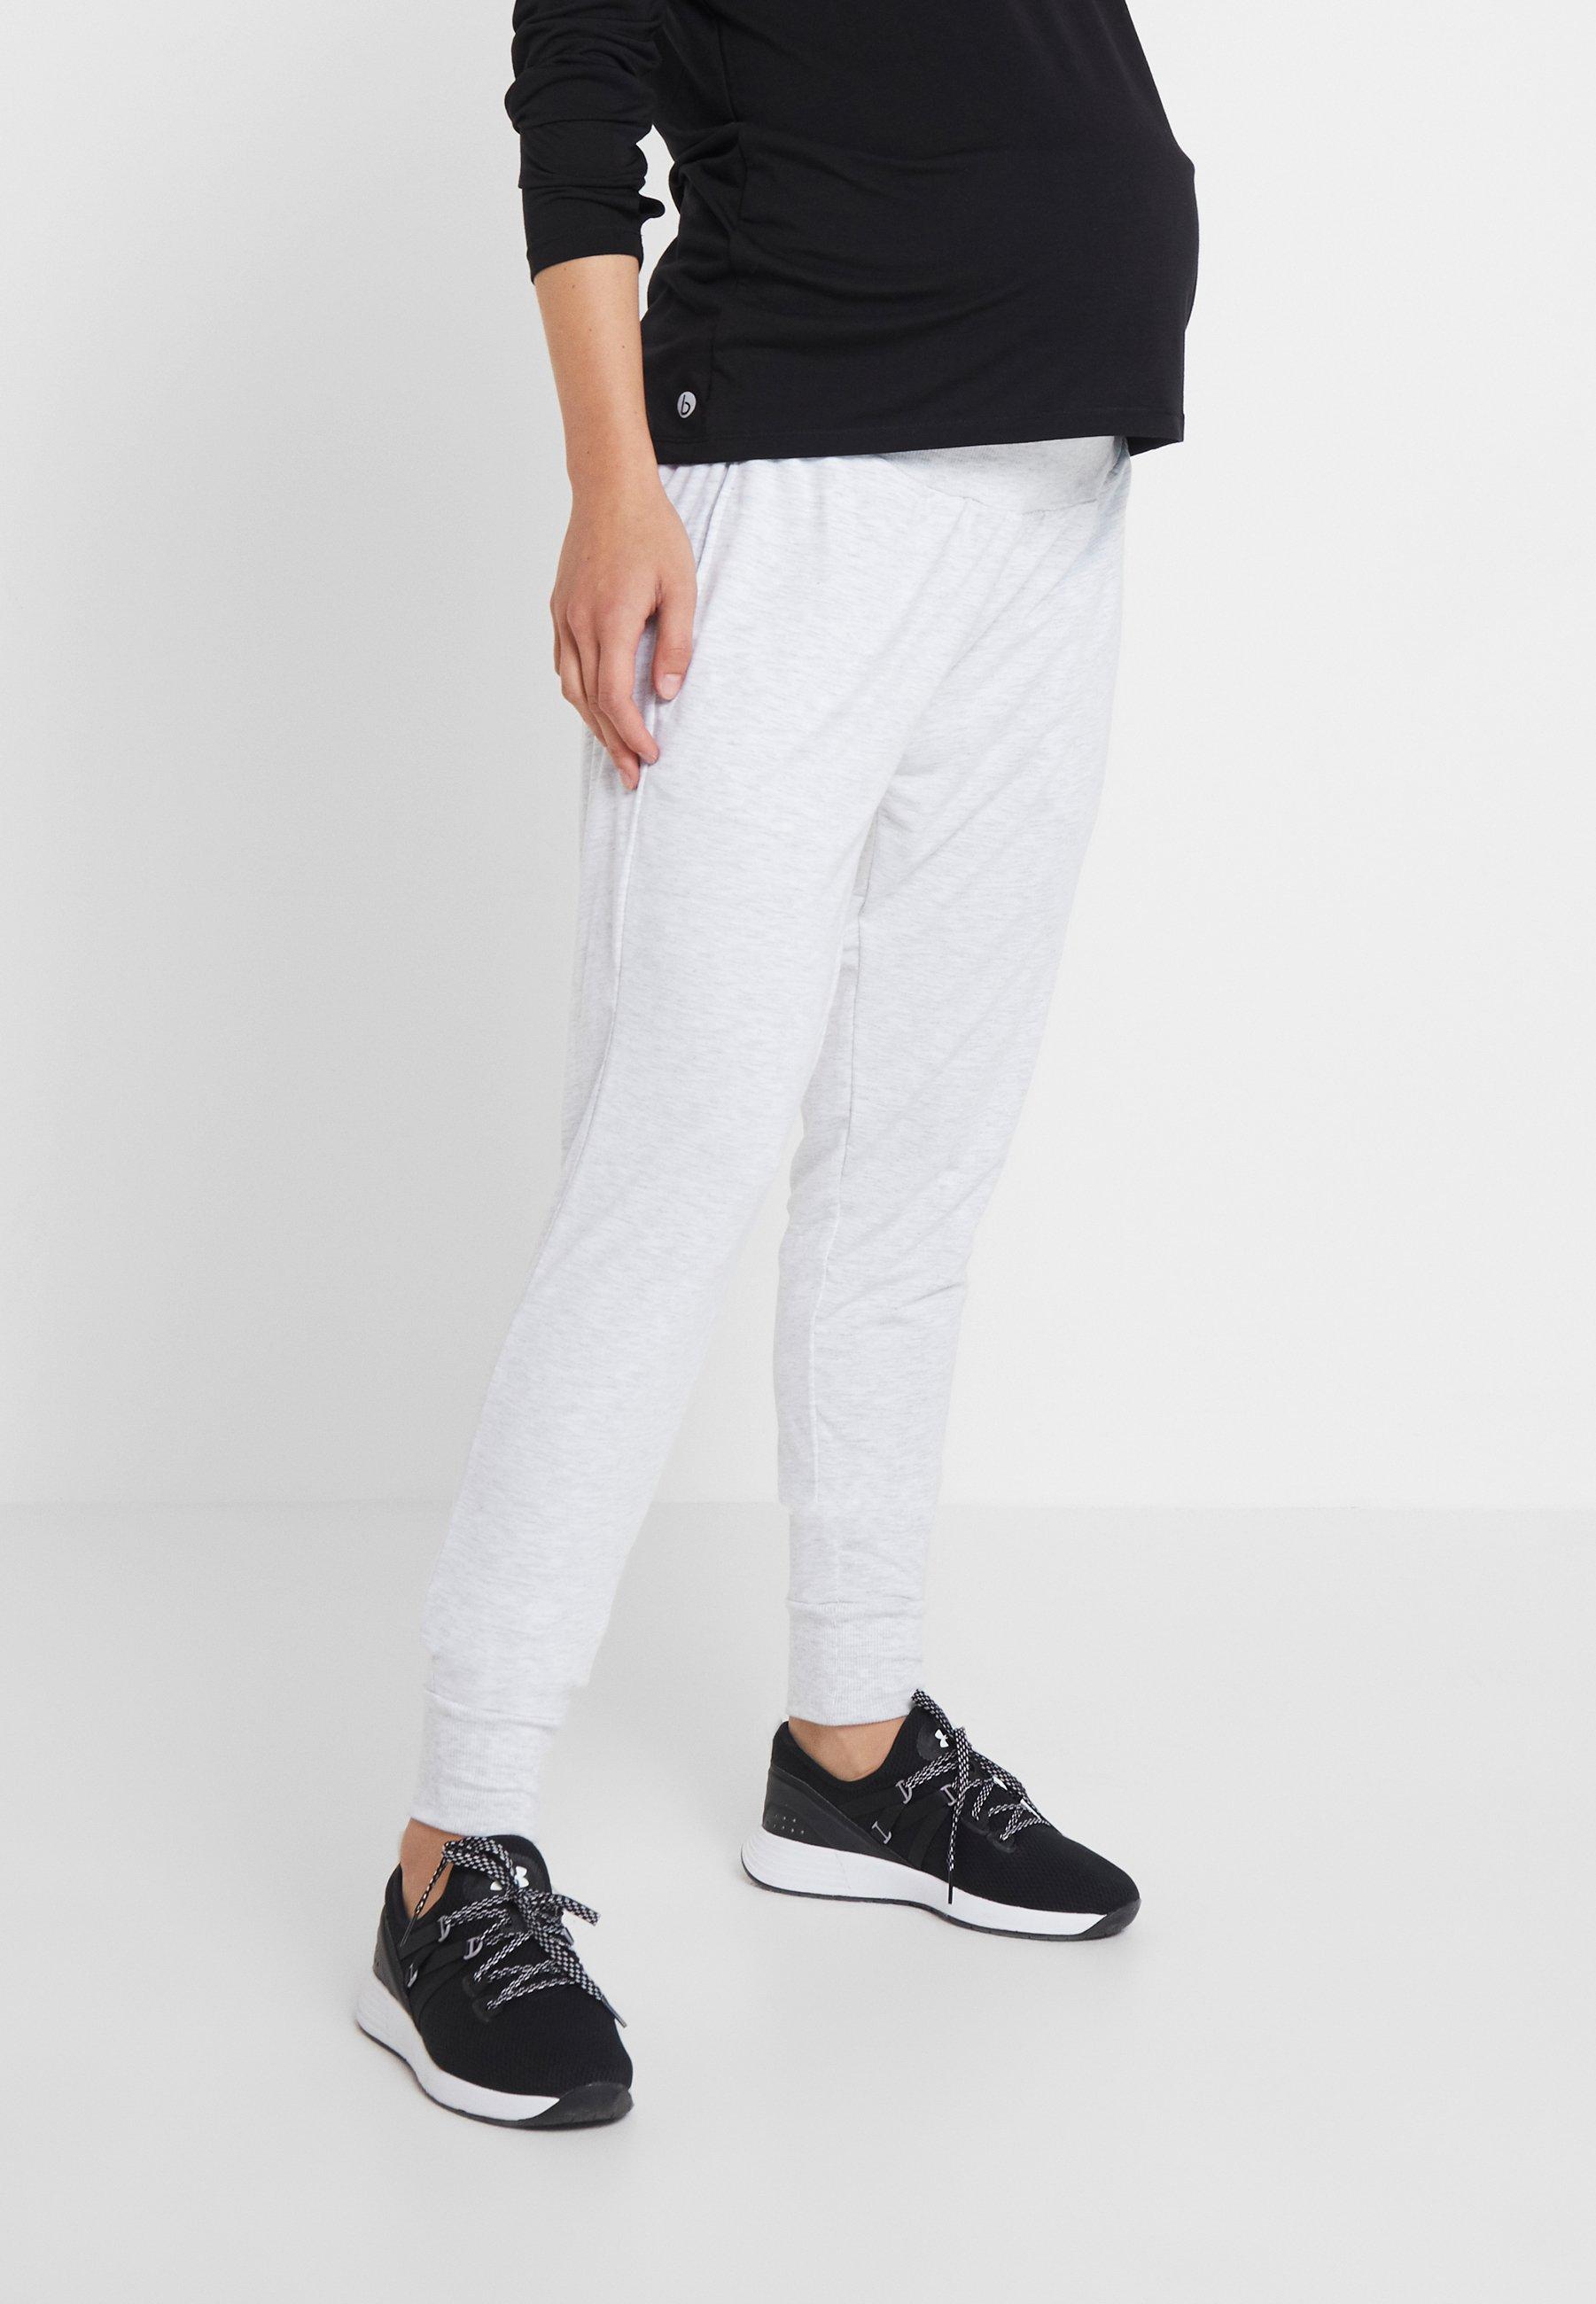 Femme DROP CROTCH STUDIO PANT - Pantalon de survêtement